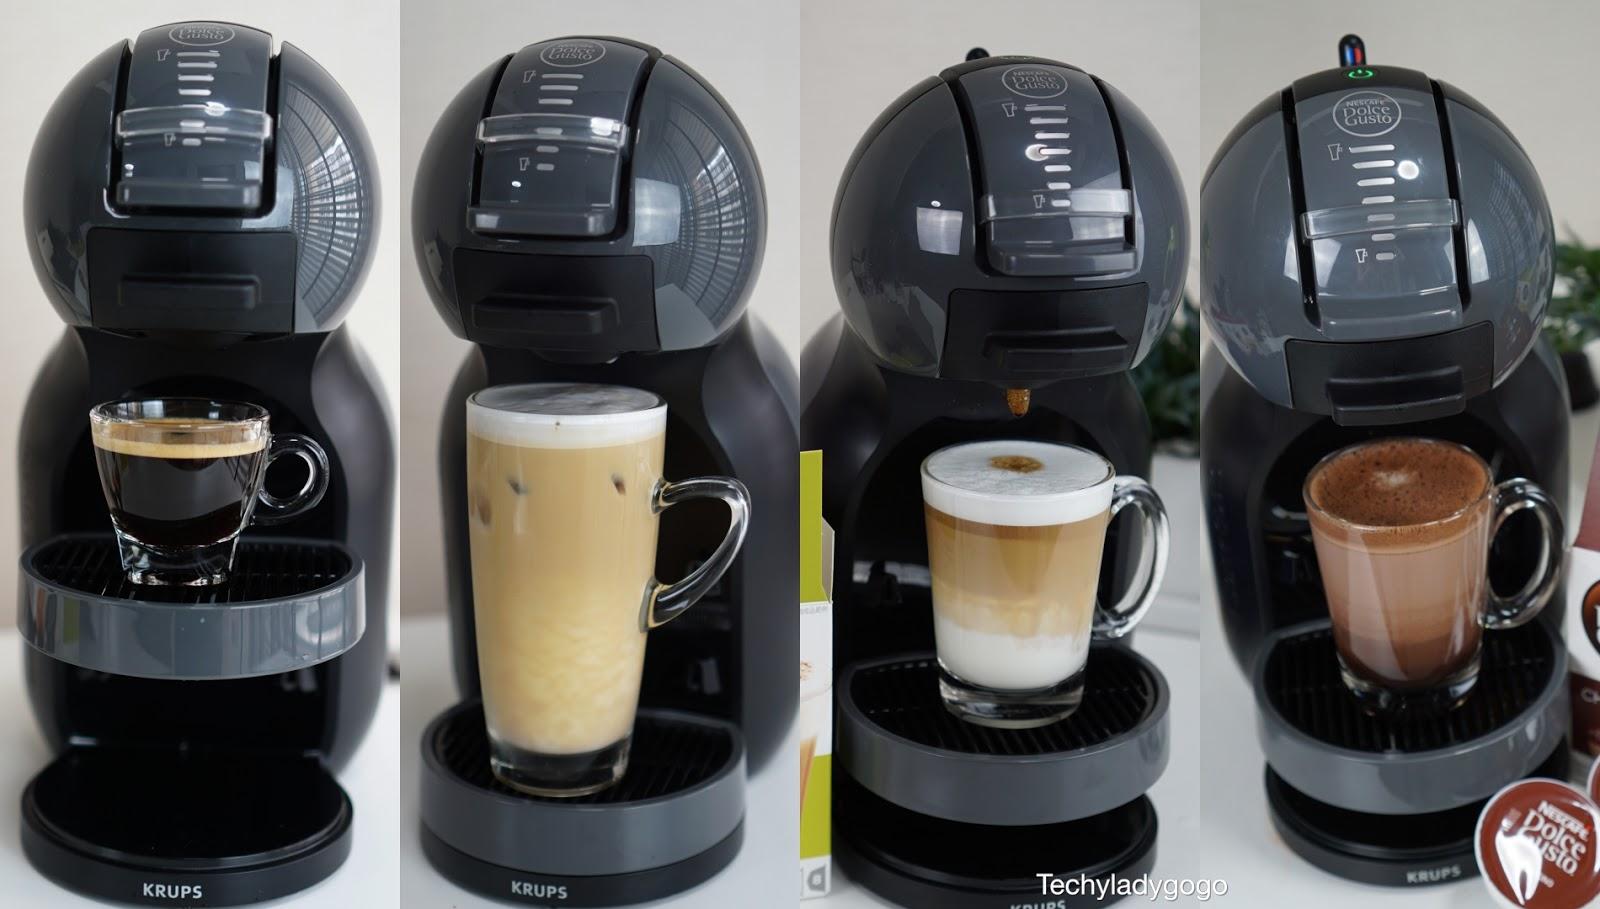 รีวิวเครื่องทำกาแฟ NESCAFÉ Dolce Gusto รุ่น Mini Me เครื่องชงกาแฟแคปซูลอัตโนมัติ  เนสกาแฟ ดอลเช่ กุสโต้ KRUPS TEFAL